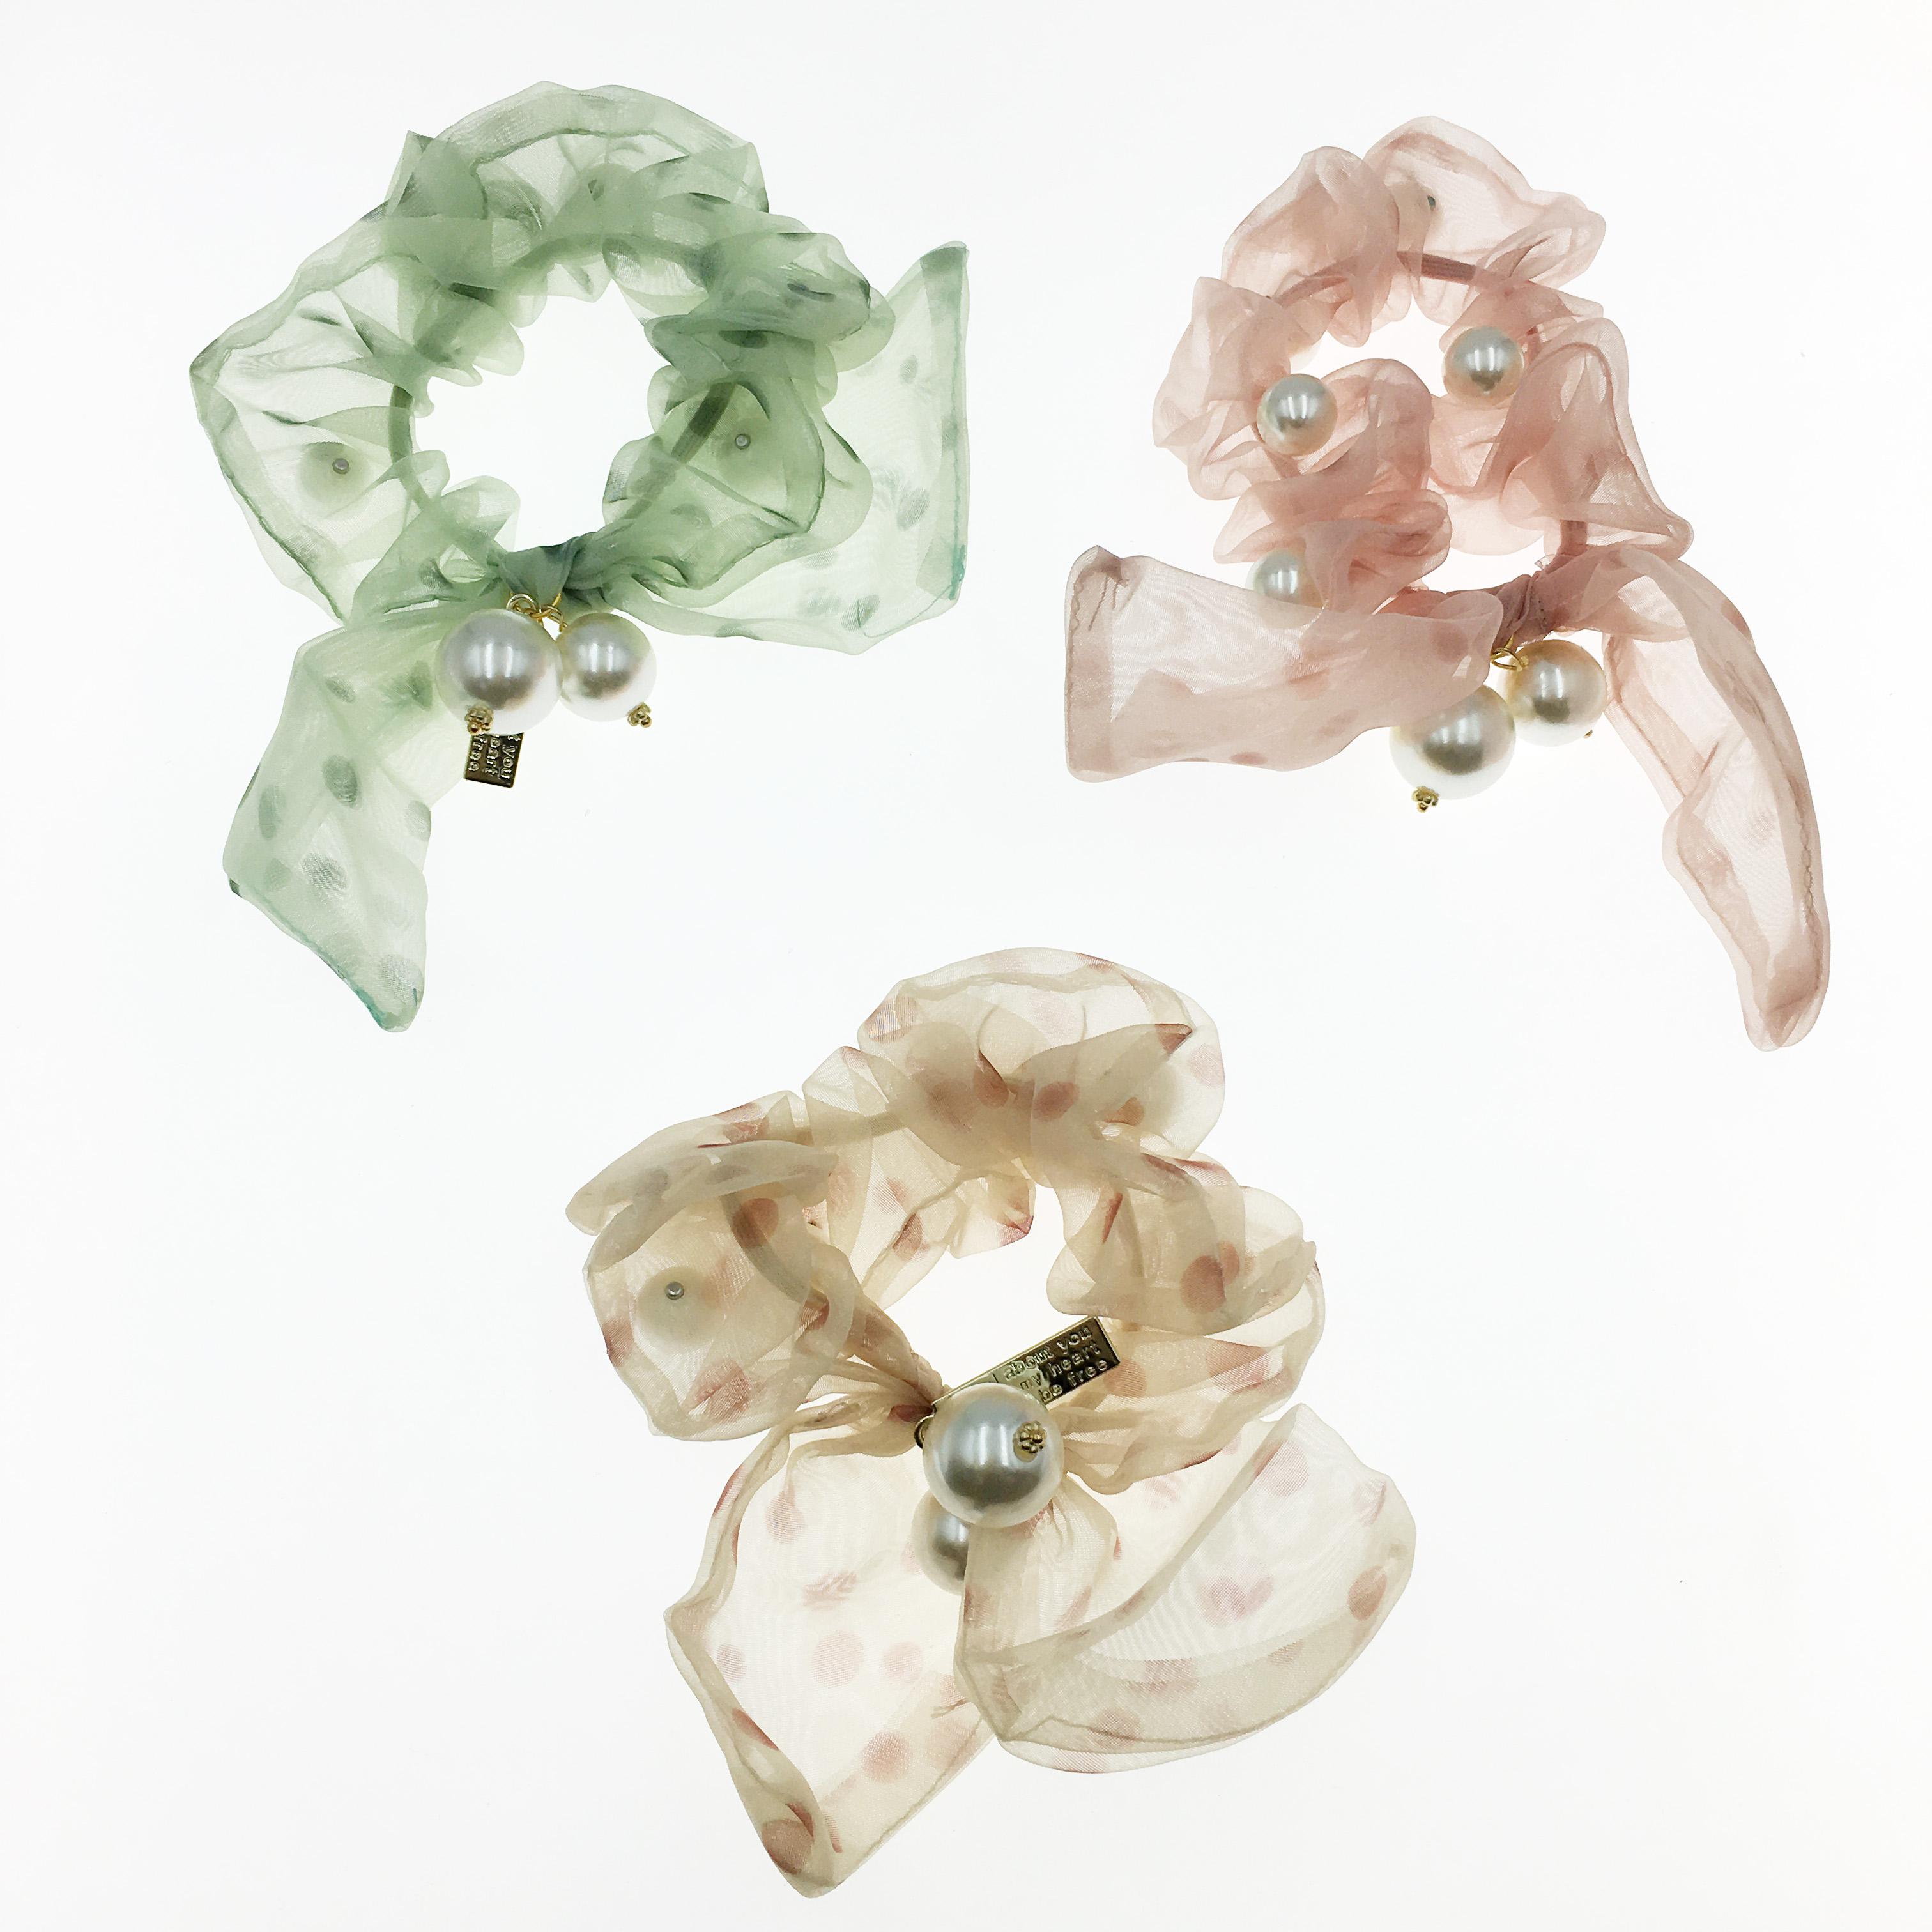 韓國 點點 蝴蝶結 珍珠 英文 三色 大腸圈 髮圈 髮飾